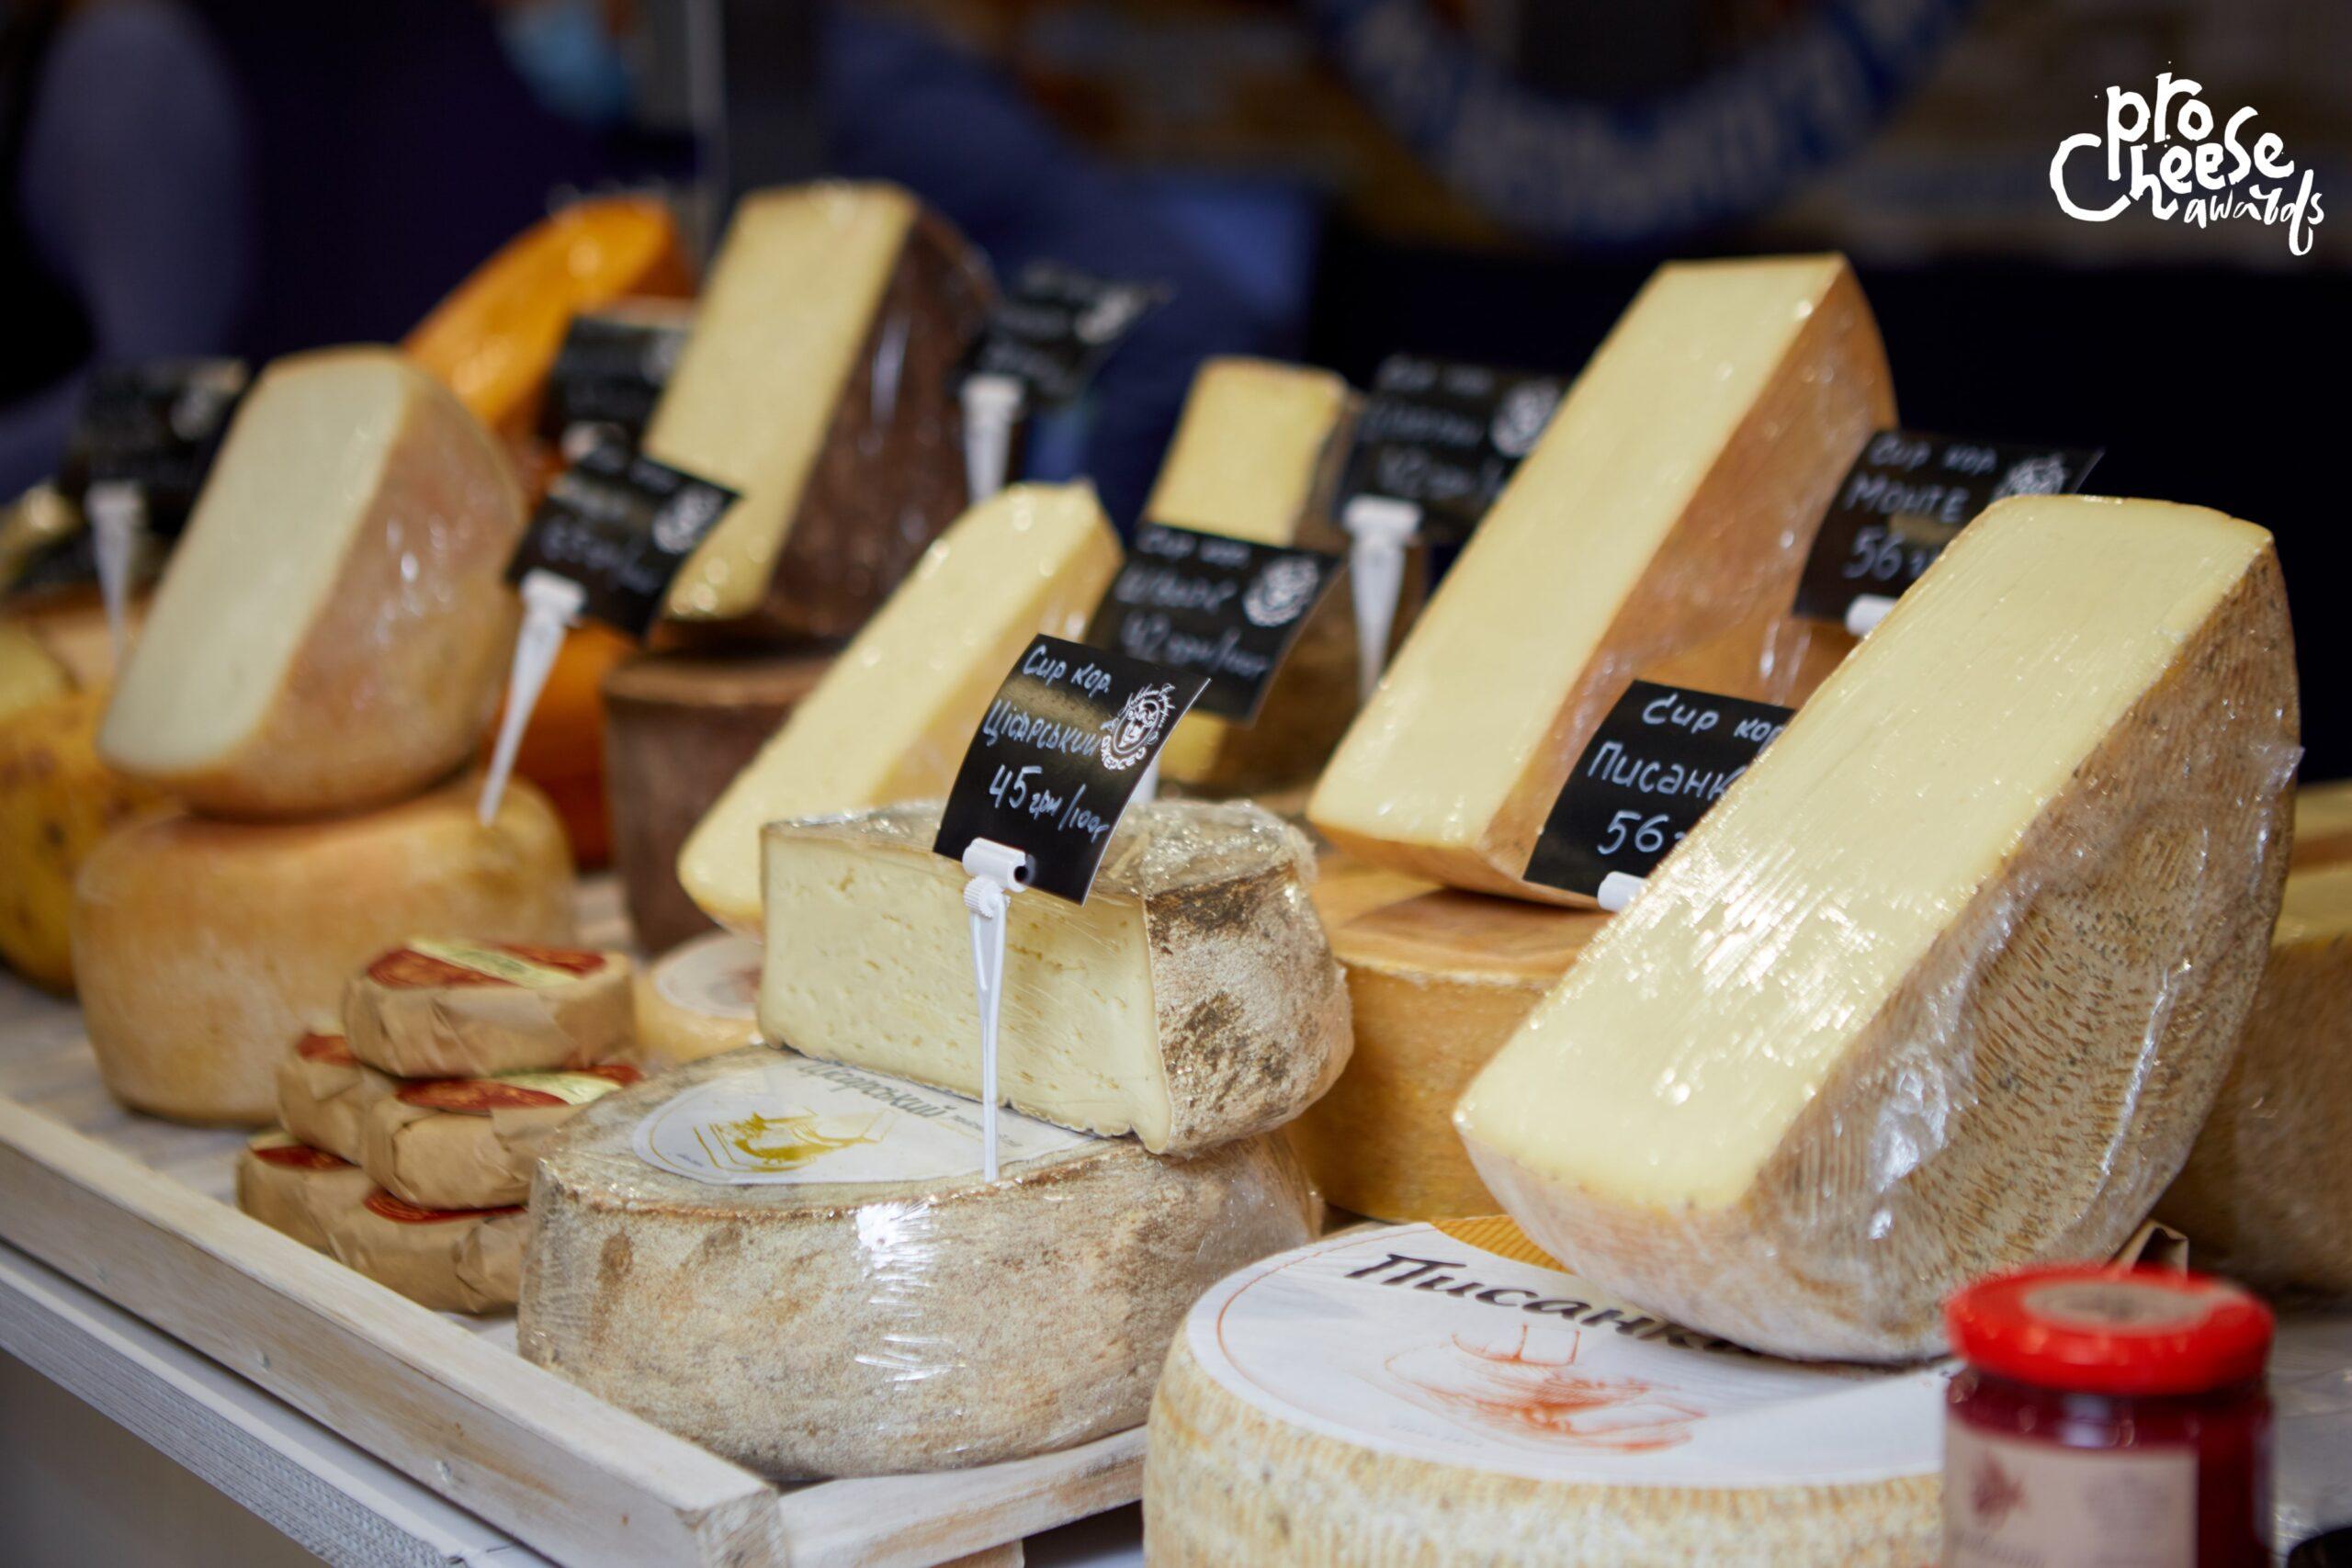 Обрано сир, який представлятиме Україну на міжнародному конкурсі World Cheese Awards - press-release, news, country